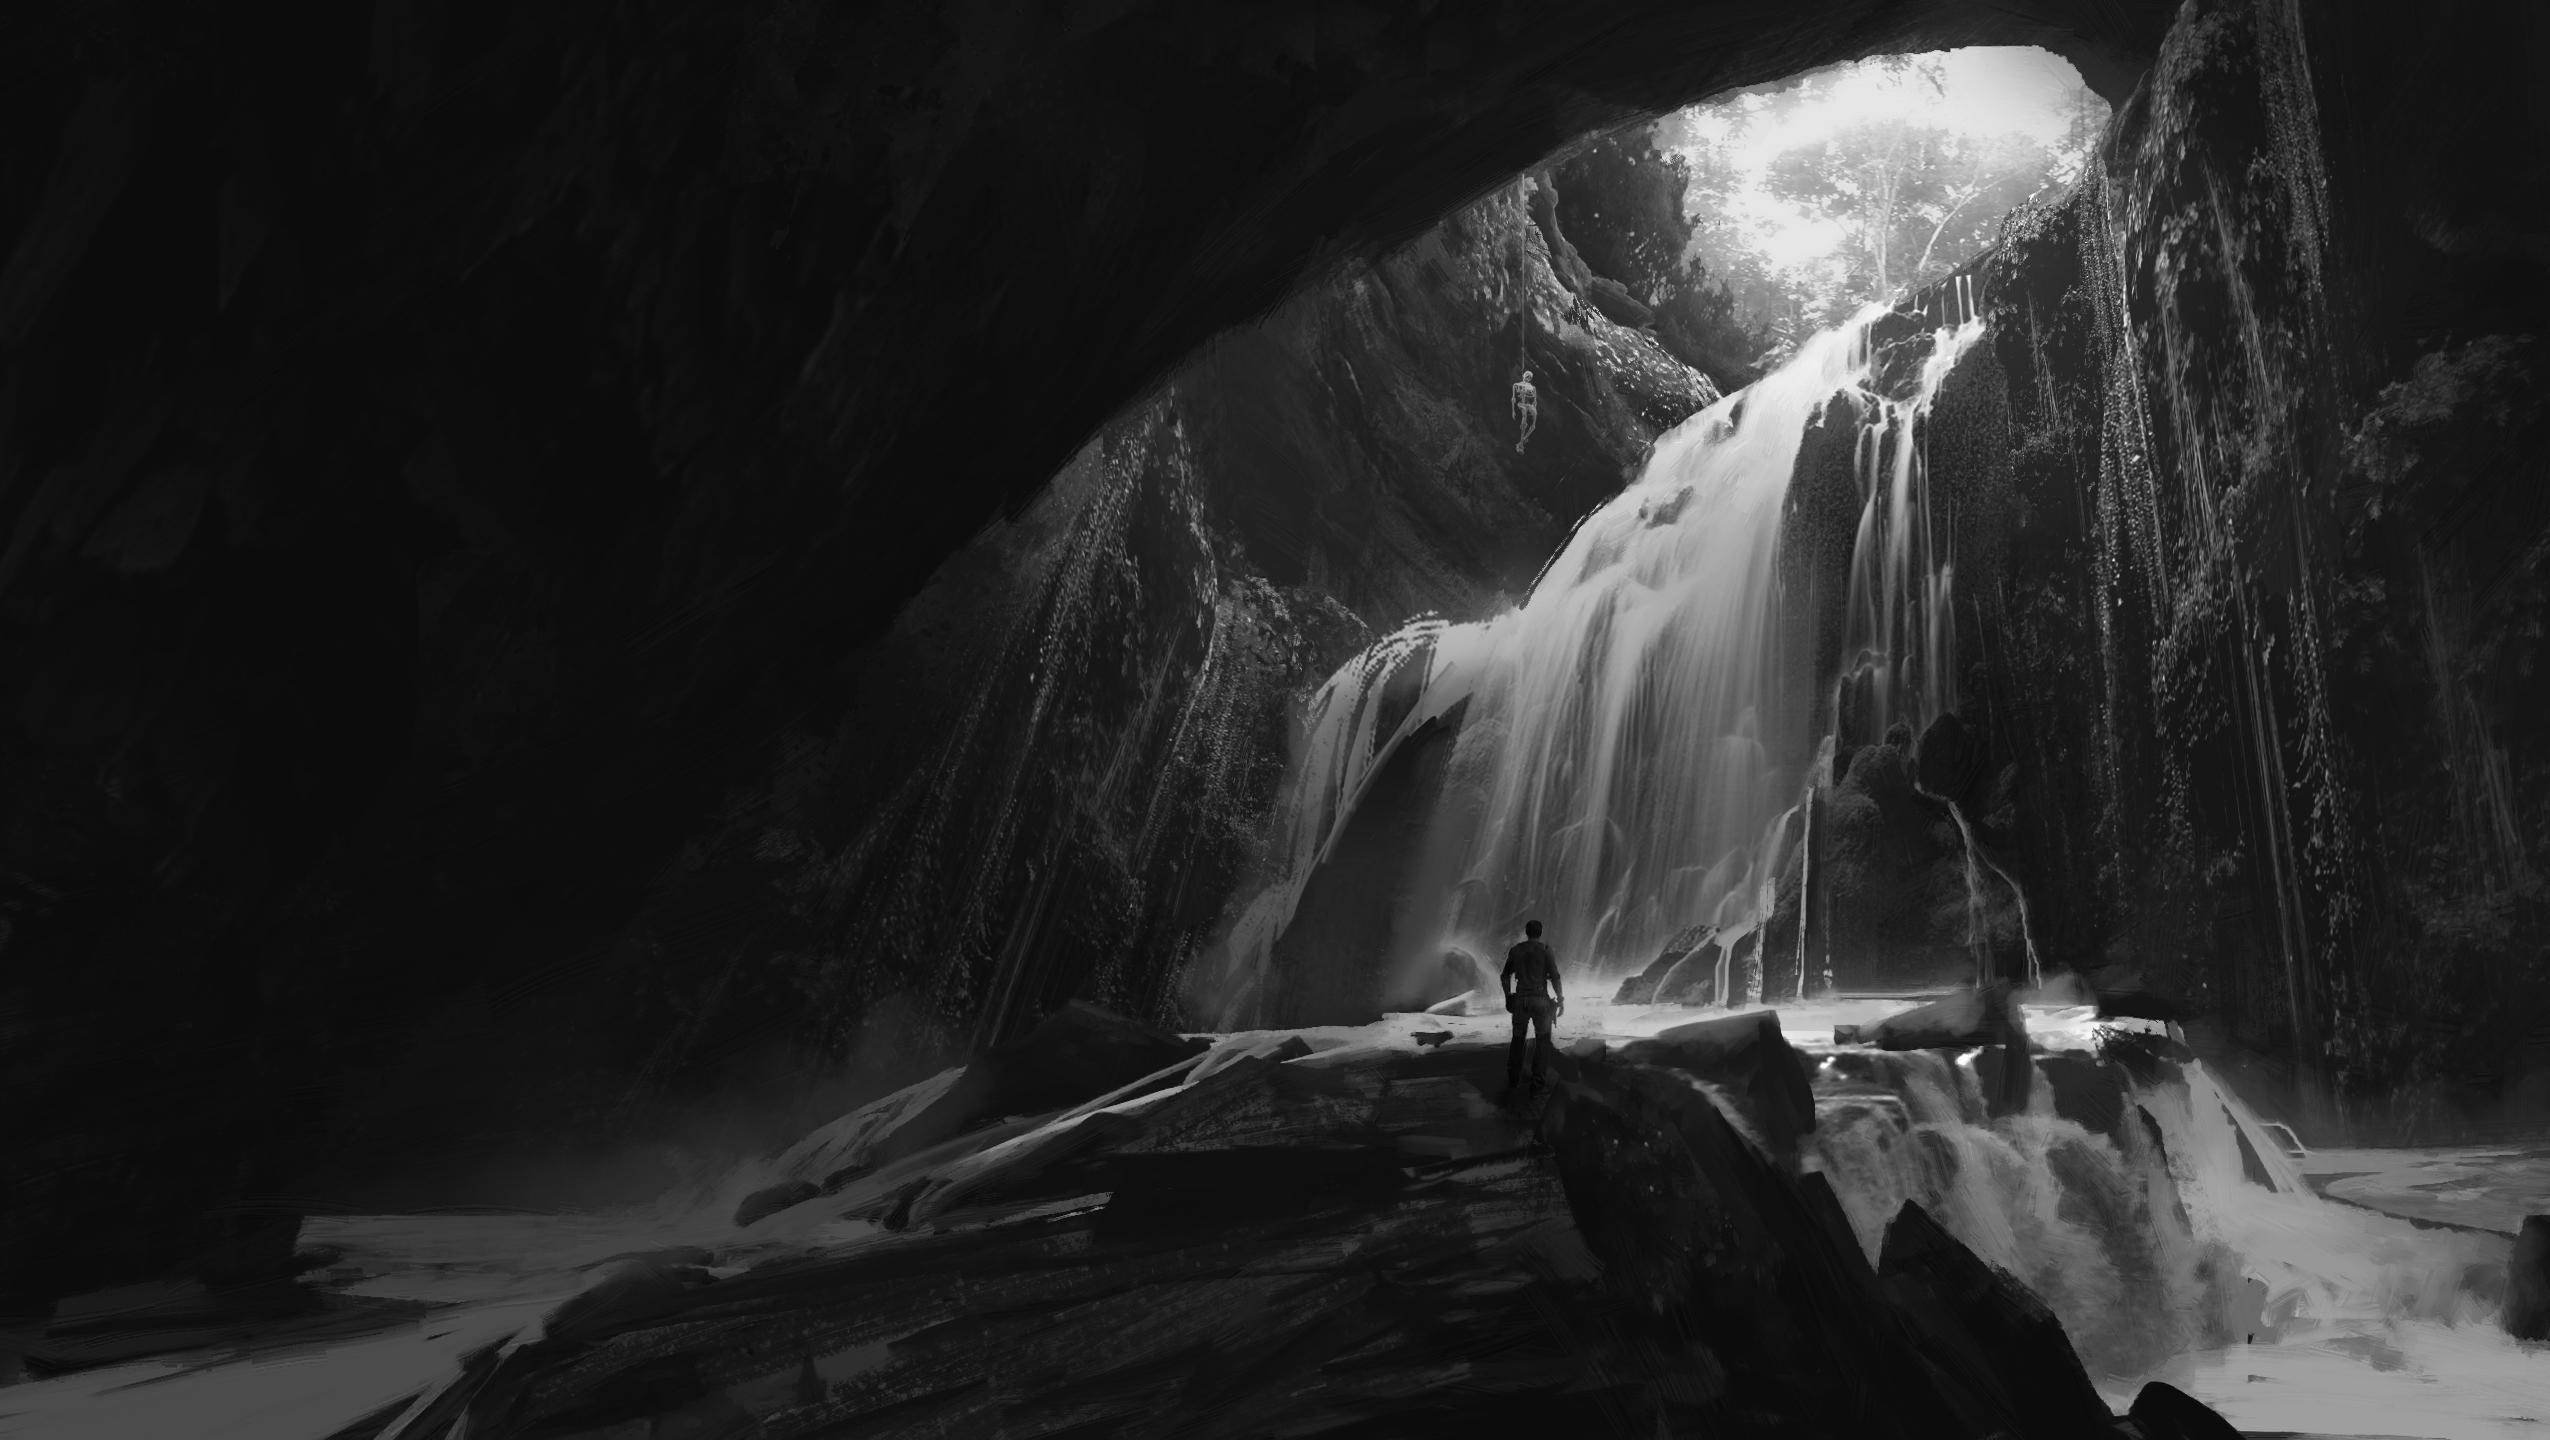 101033_MtbBjro5KP_u4_concept_cave_closeu